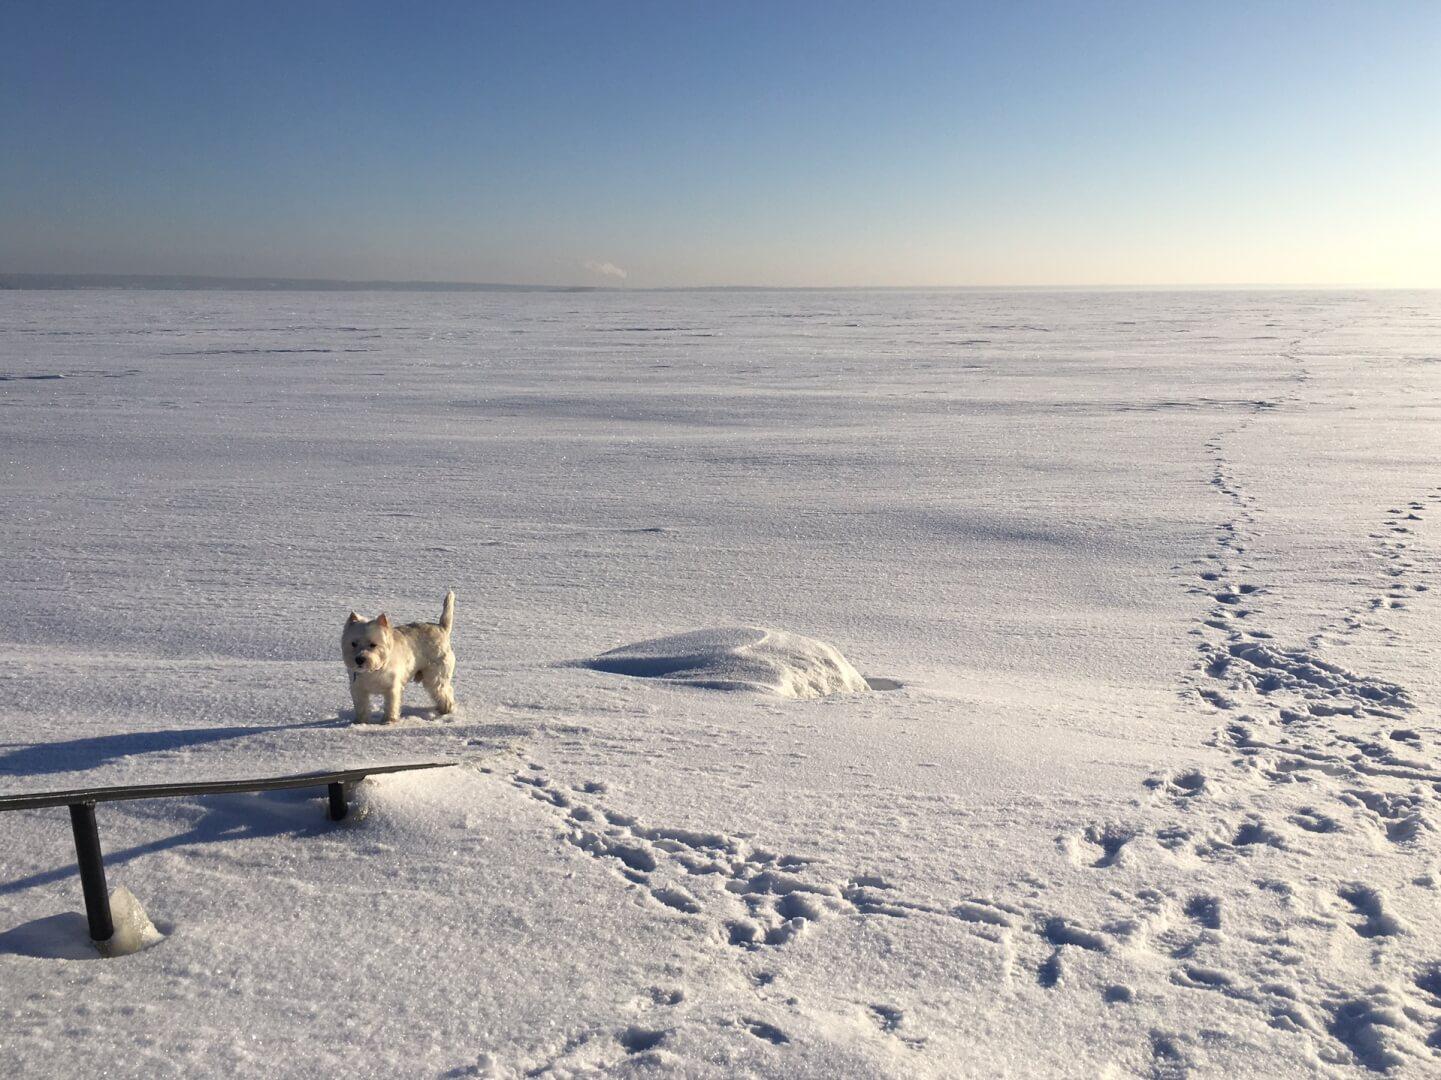 собака зимой в сибири мерзнет